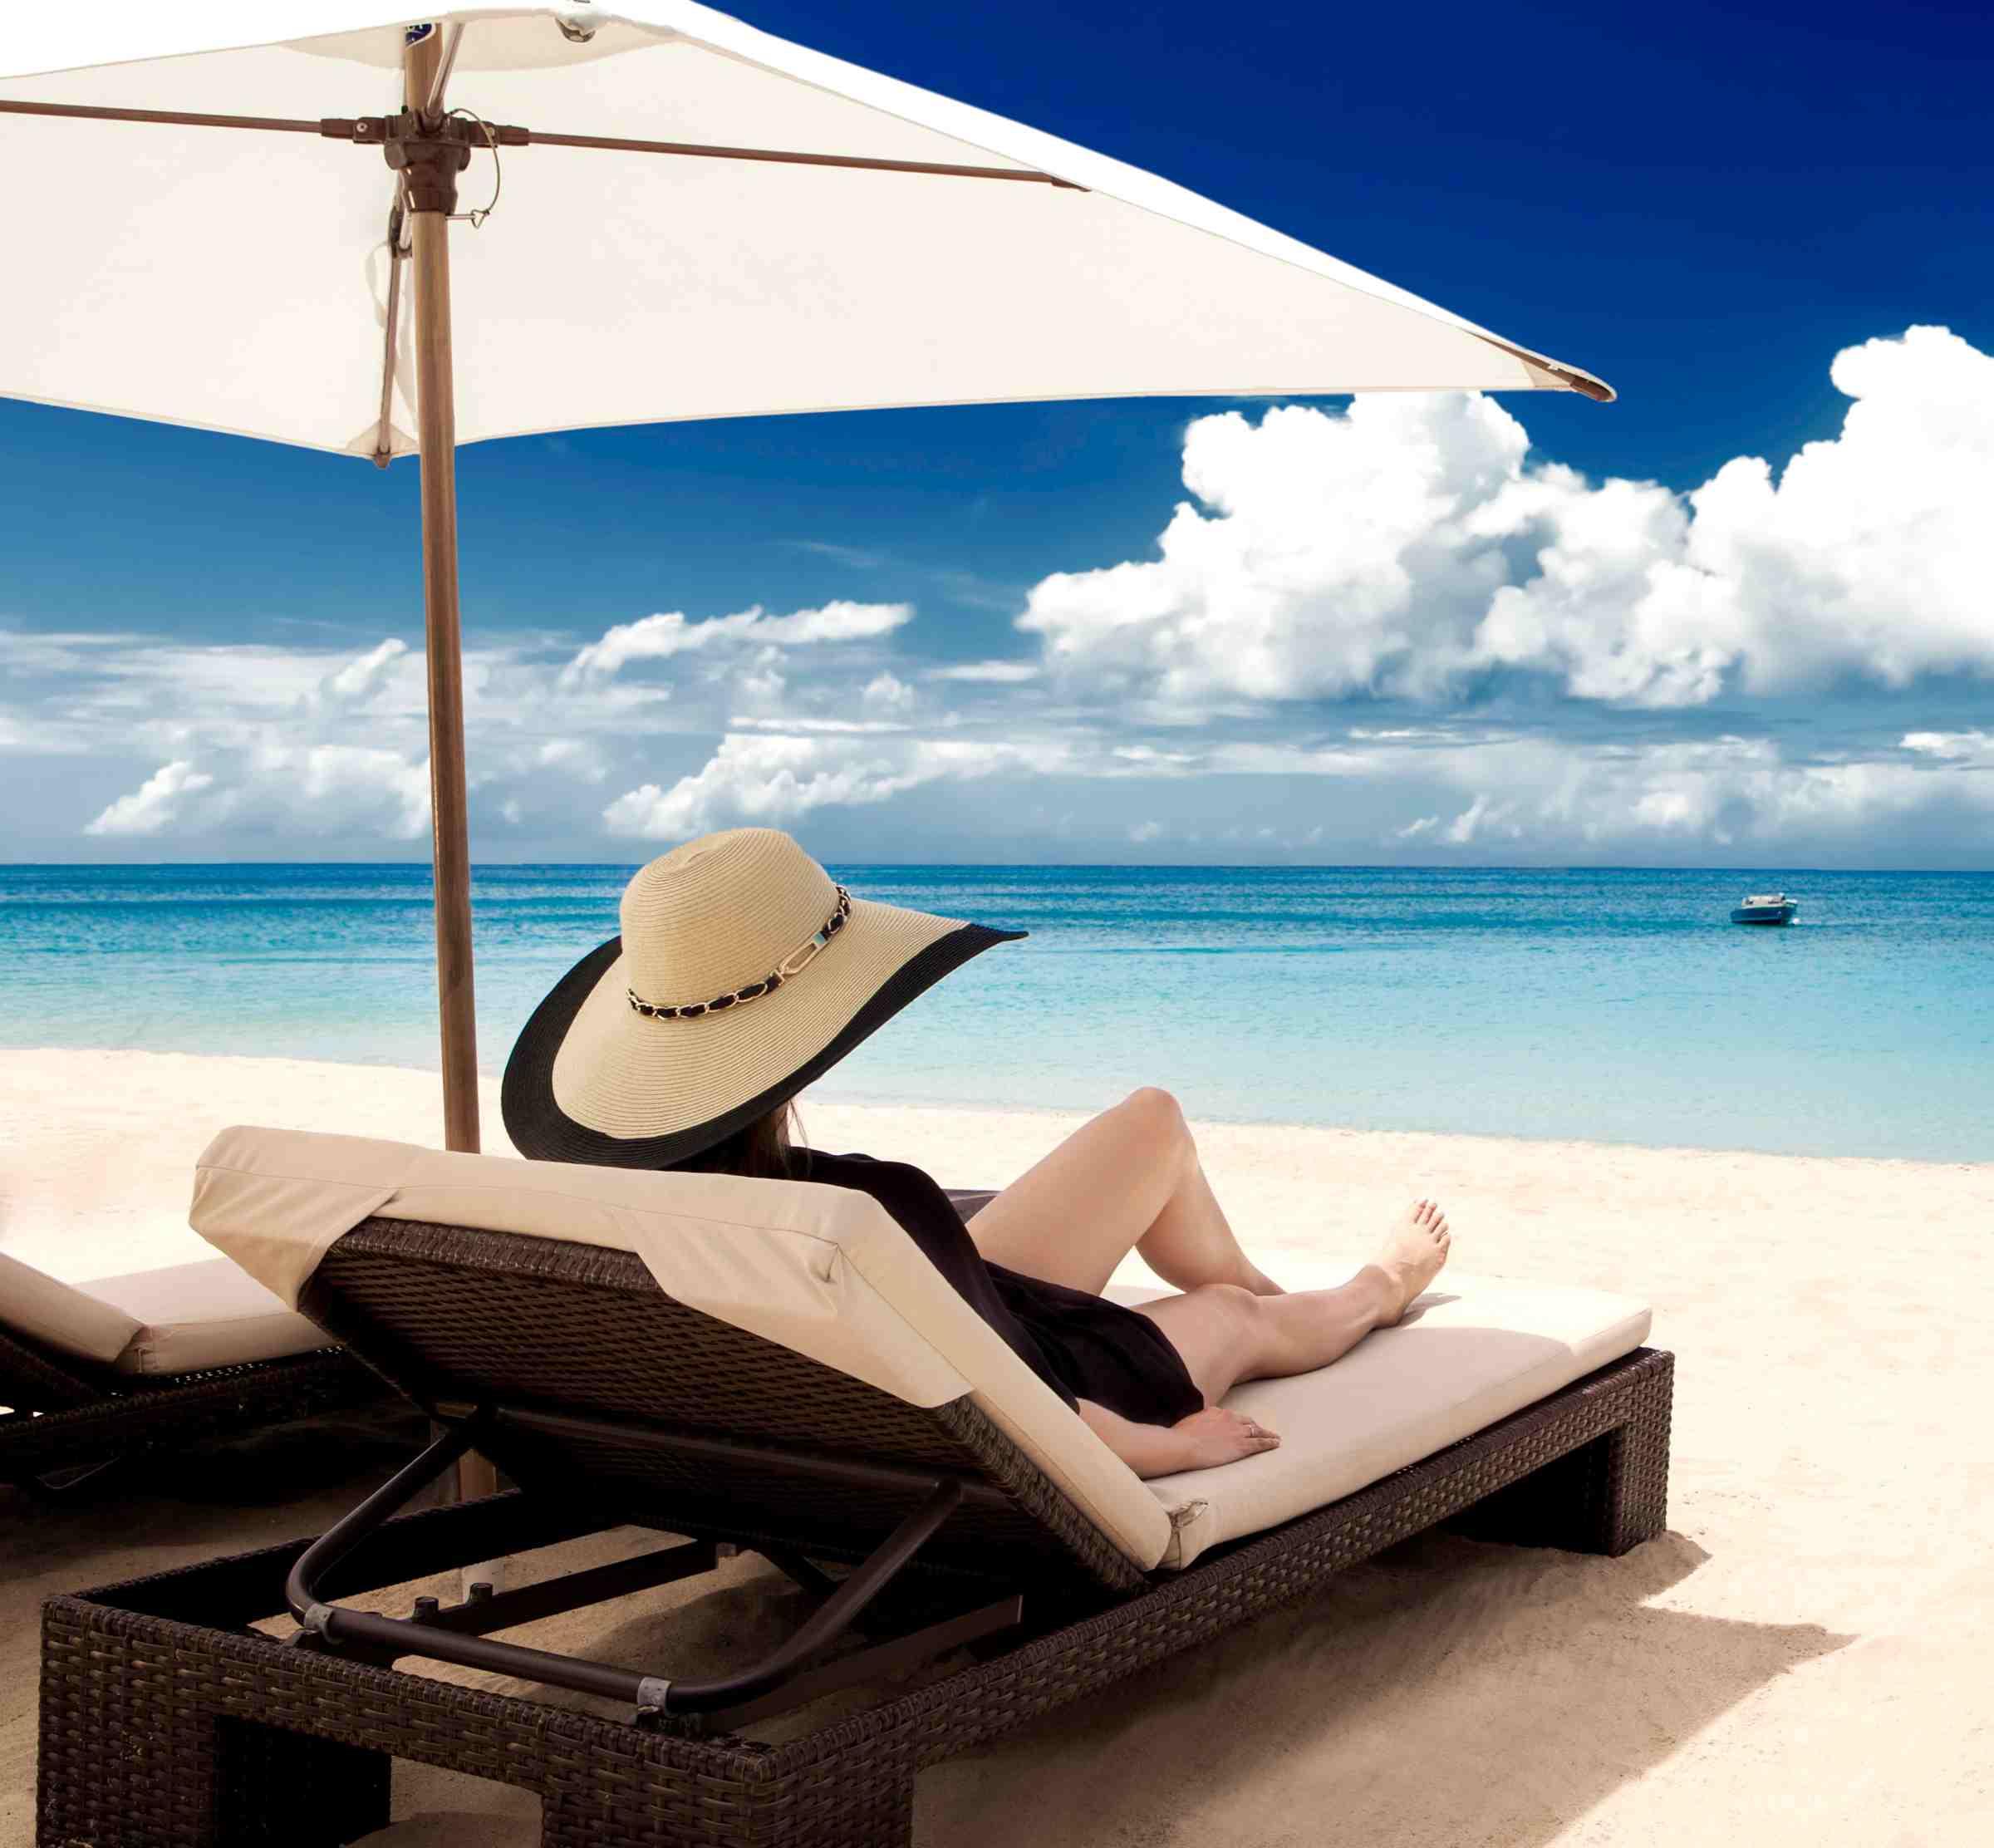 Inspirato Caribbean beach villa en Anguilla